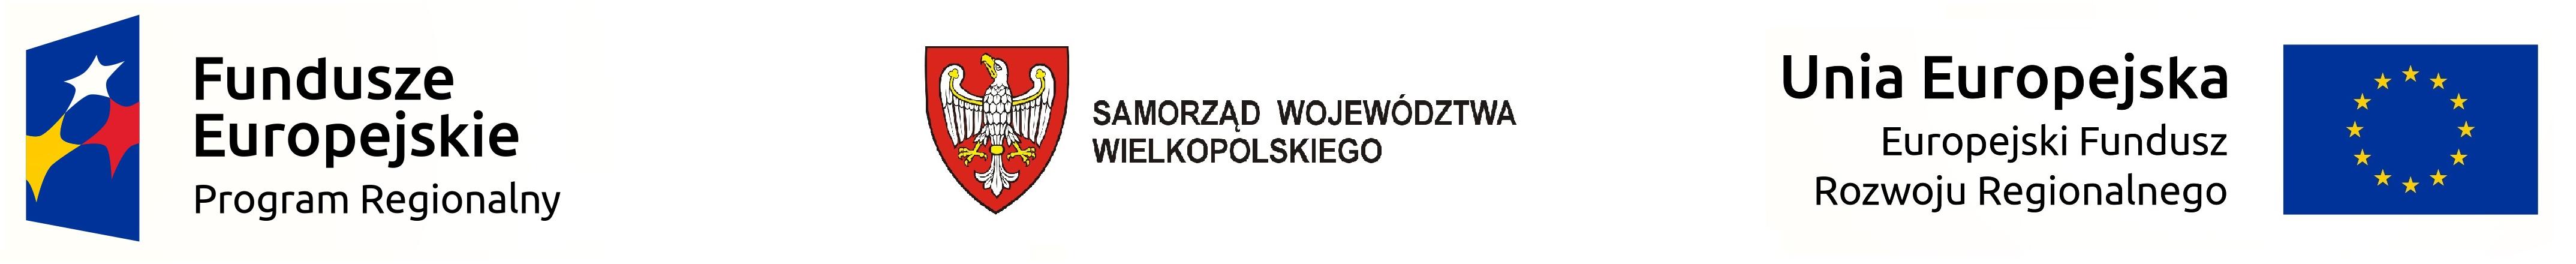 Logo Fundusze Europejskie - Program regionalny